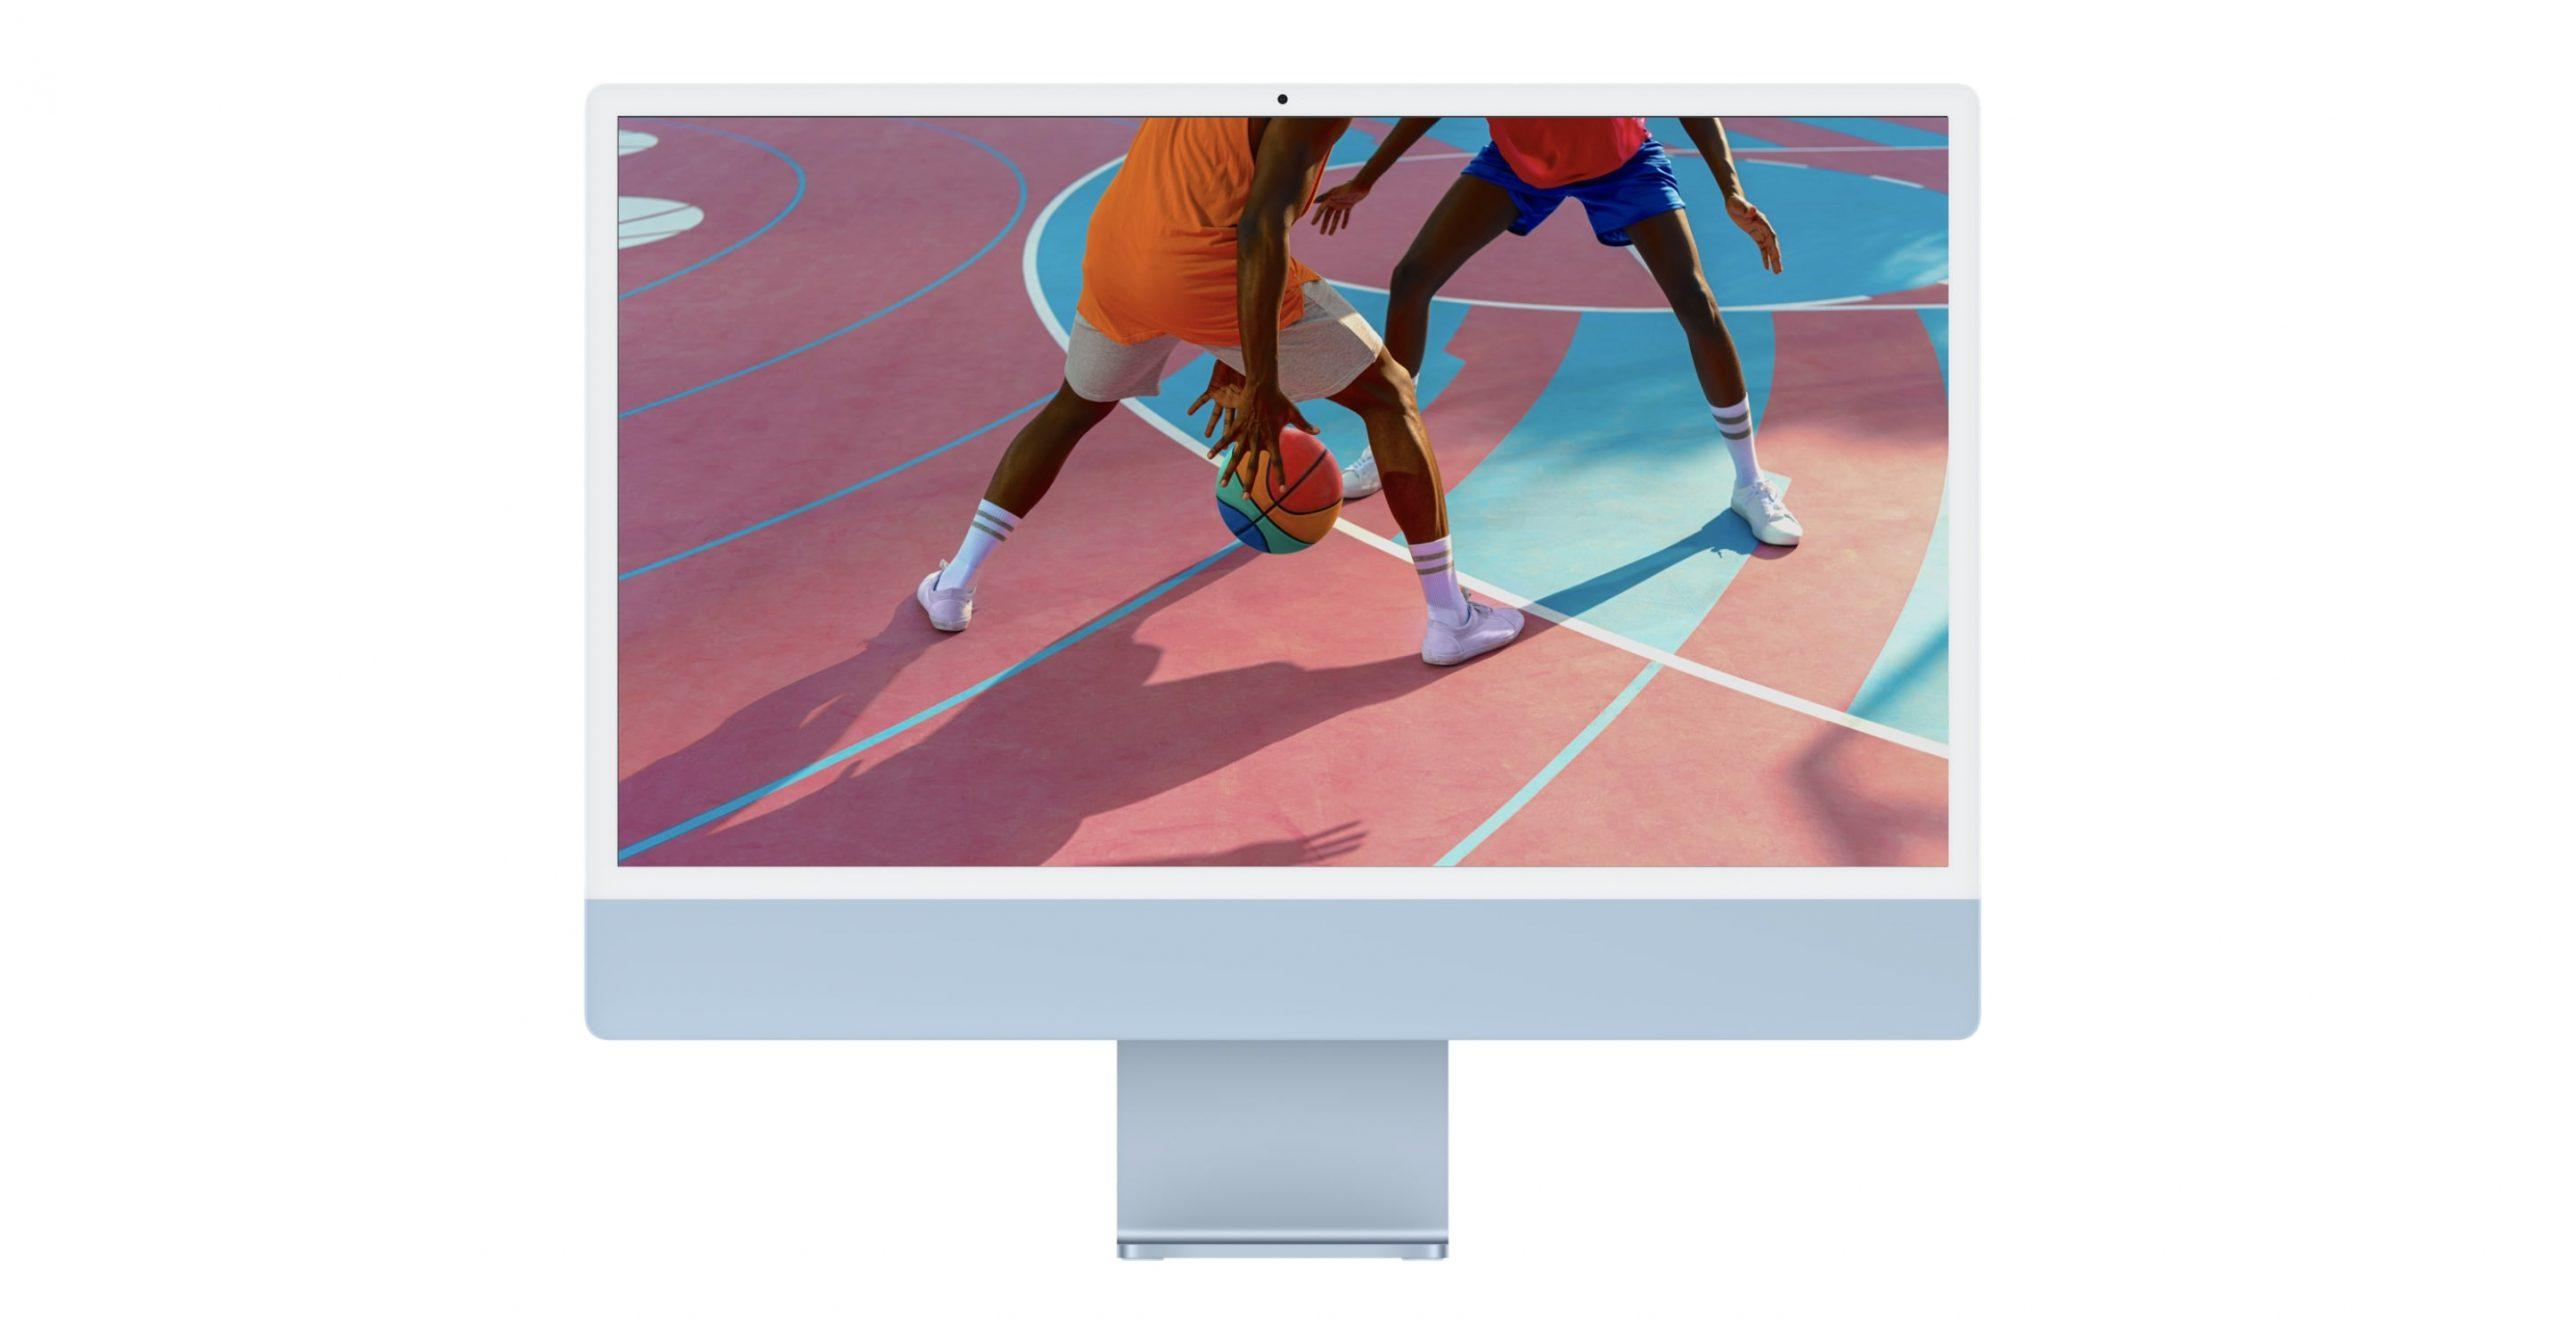 Apple 24 inch iMac 4.5K M18C CPU 7C GPU:8C GPU 256GB SSD_alphastore kuwait_11